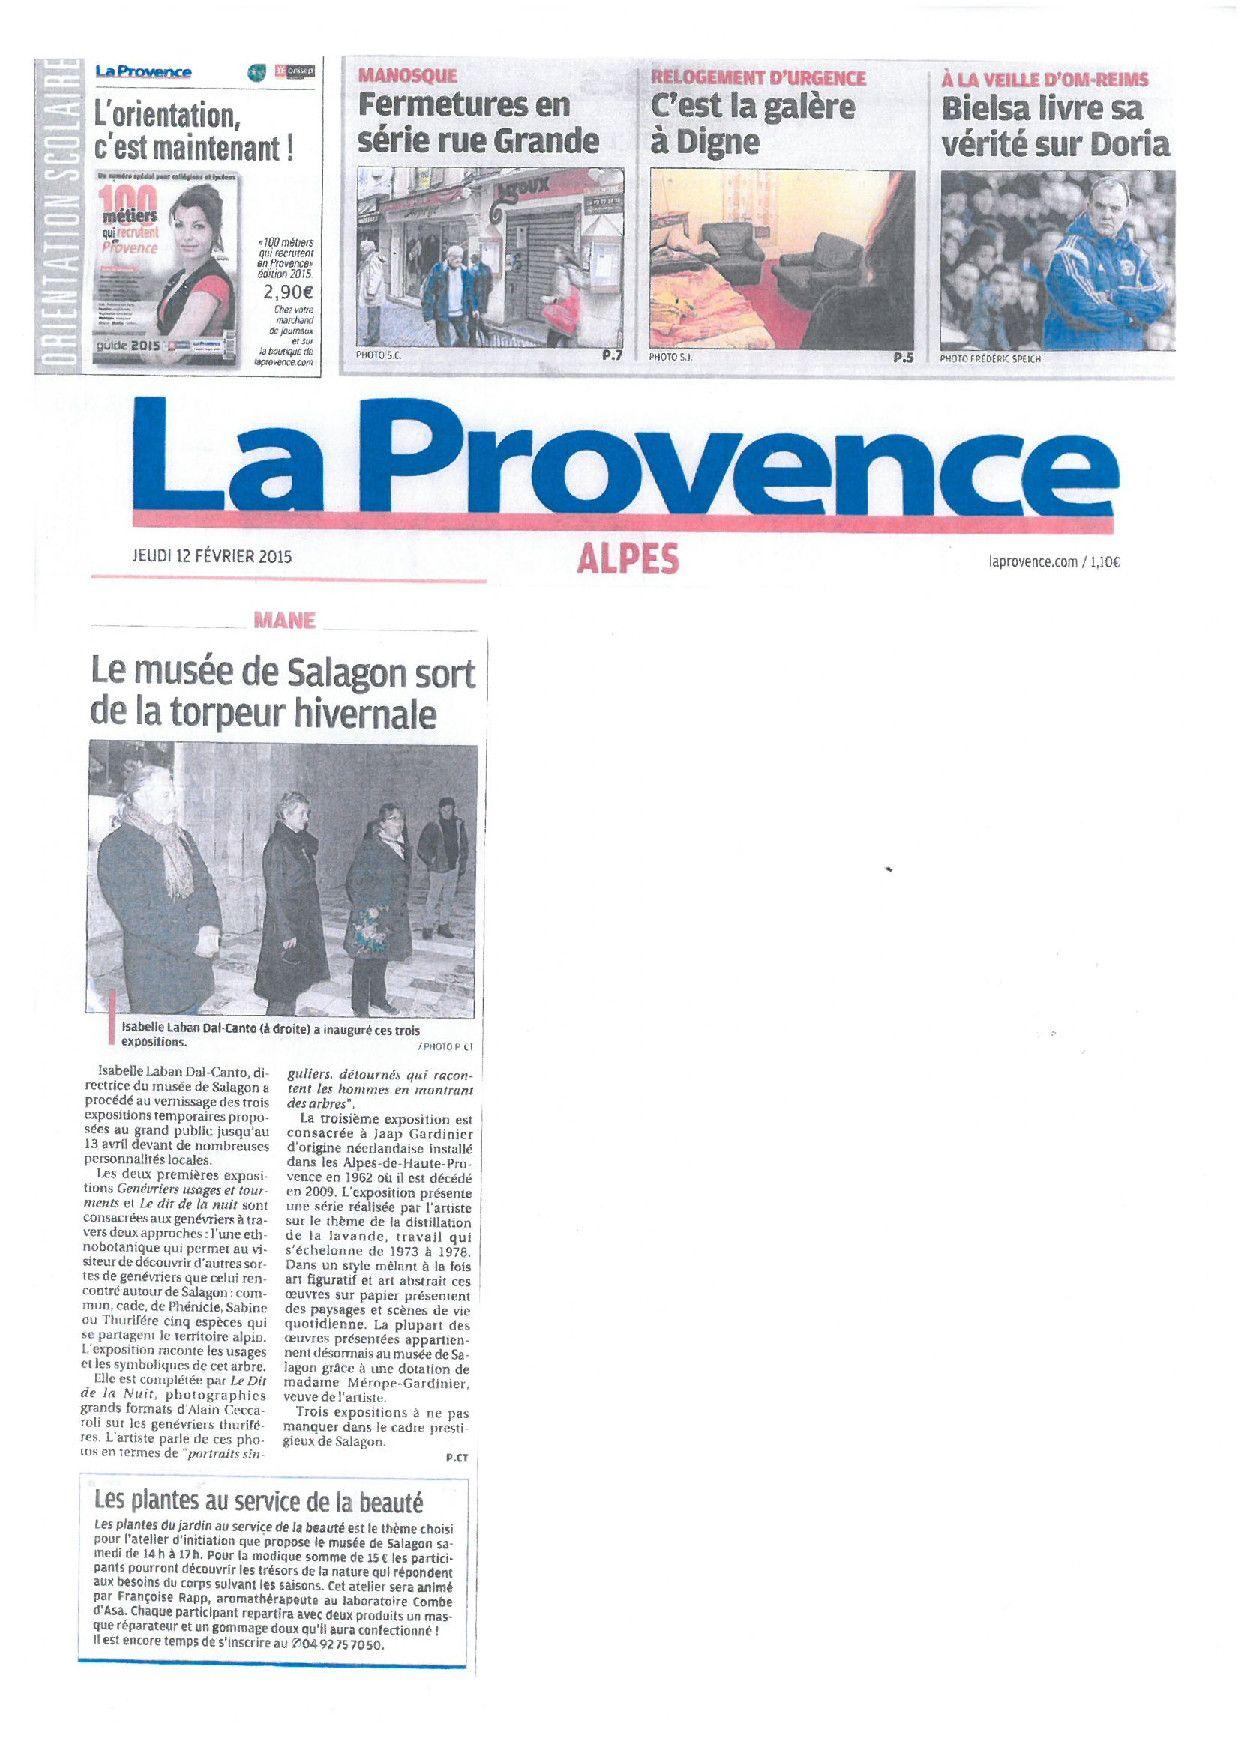 """LA PROVENCE / 12/02/15 : retrouvez-nous lors de l' #atelier """"La beauté au jardin d'hiver"""" au #MuséedeSalagon."""